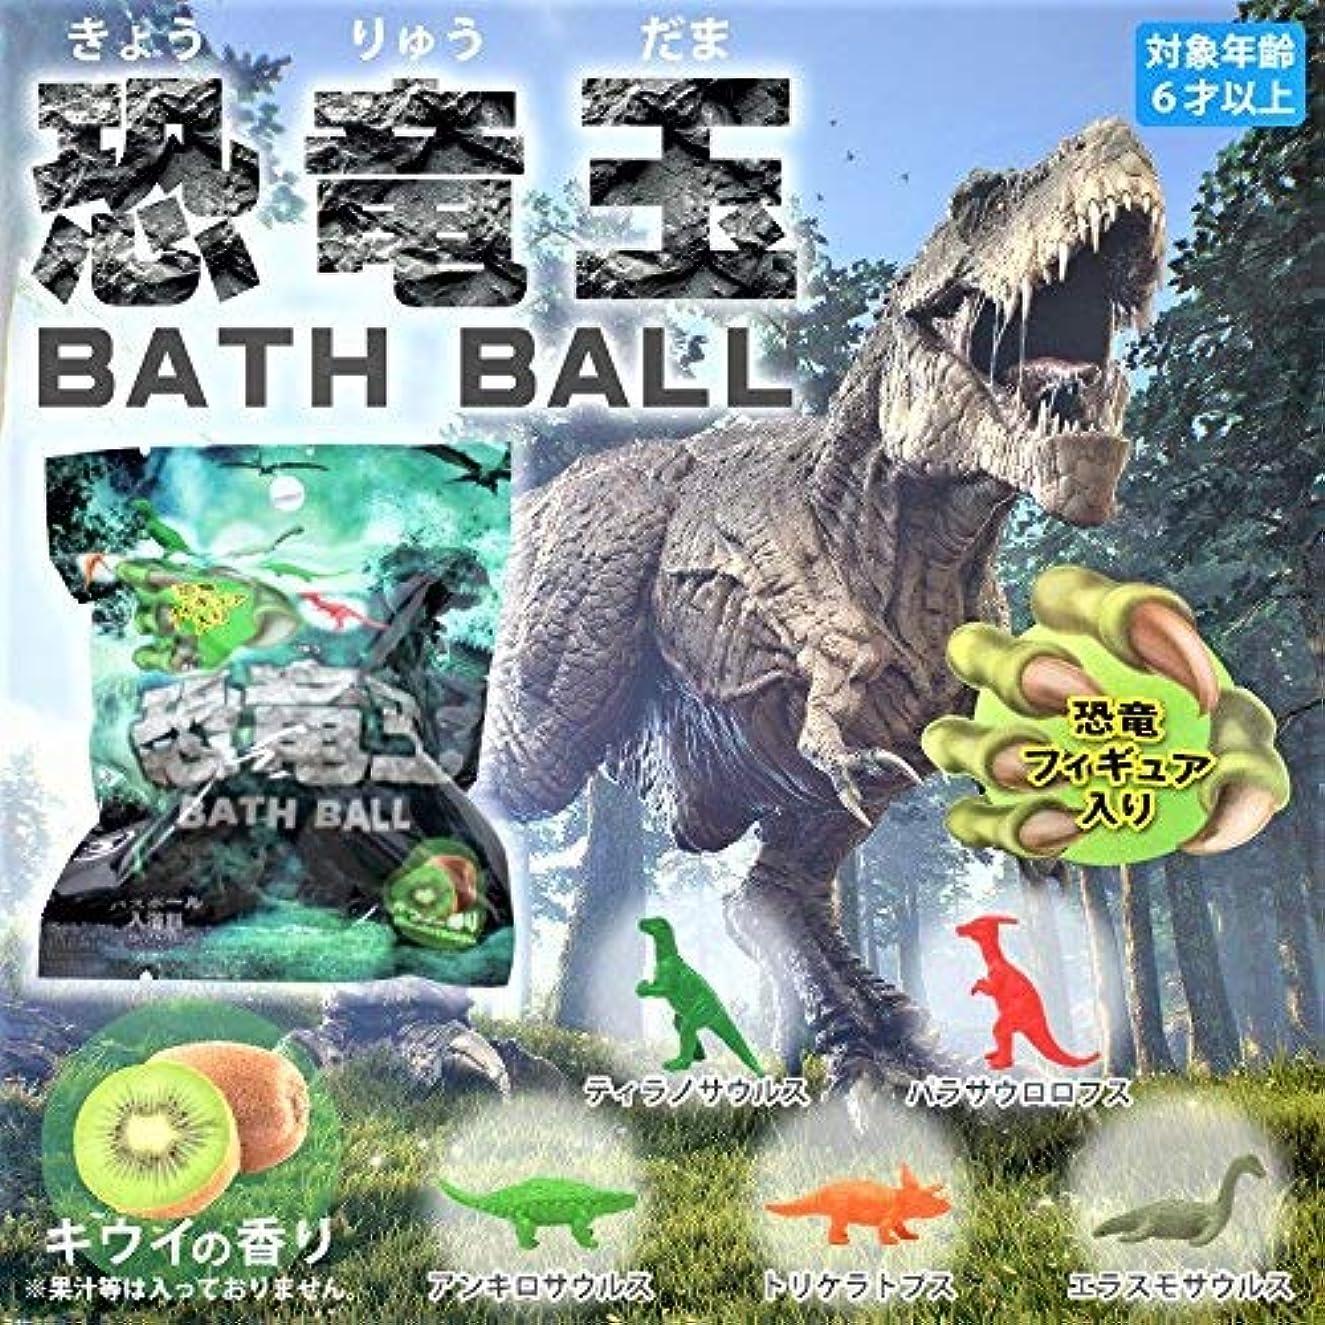 作者株式姪恐竜玉バスボール 24個1セット キウイの香り 恐竜フィギュア入りバスボール 入浴剤